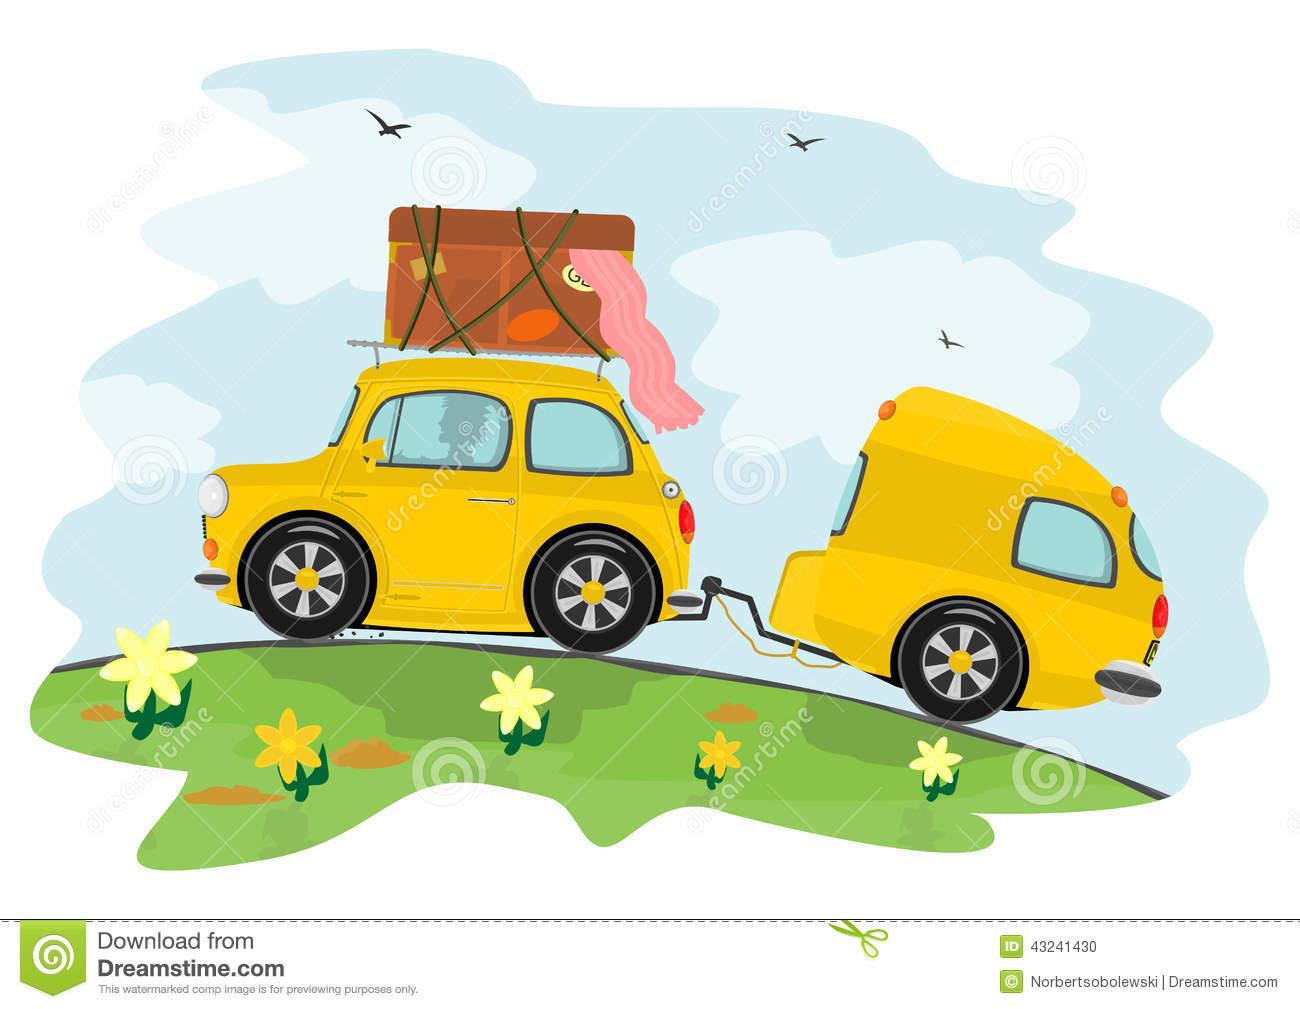 Wohnwagen clipart kostenlos picture free Auto Und Wohnwagen Vektor Abbildung - Bild: 43212128 picture free